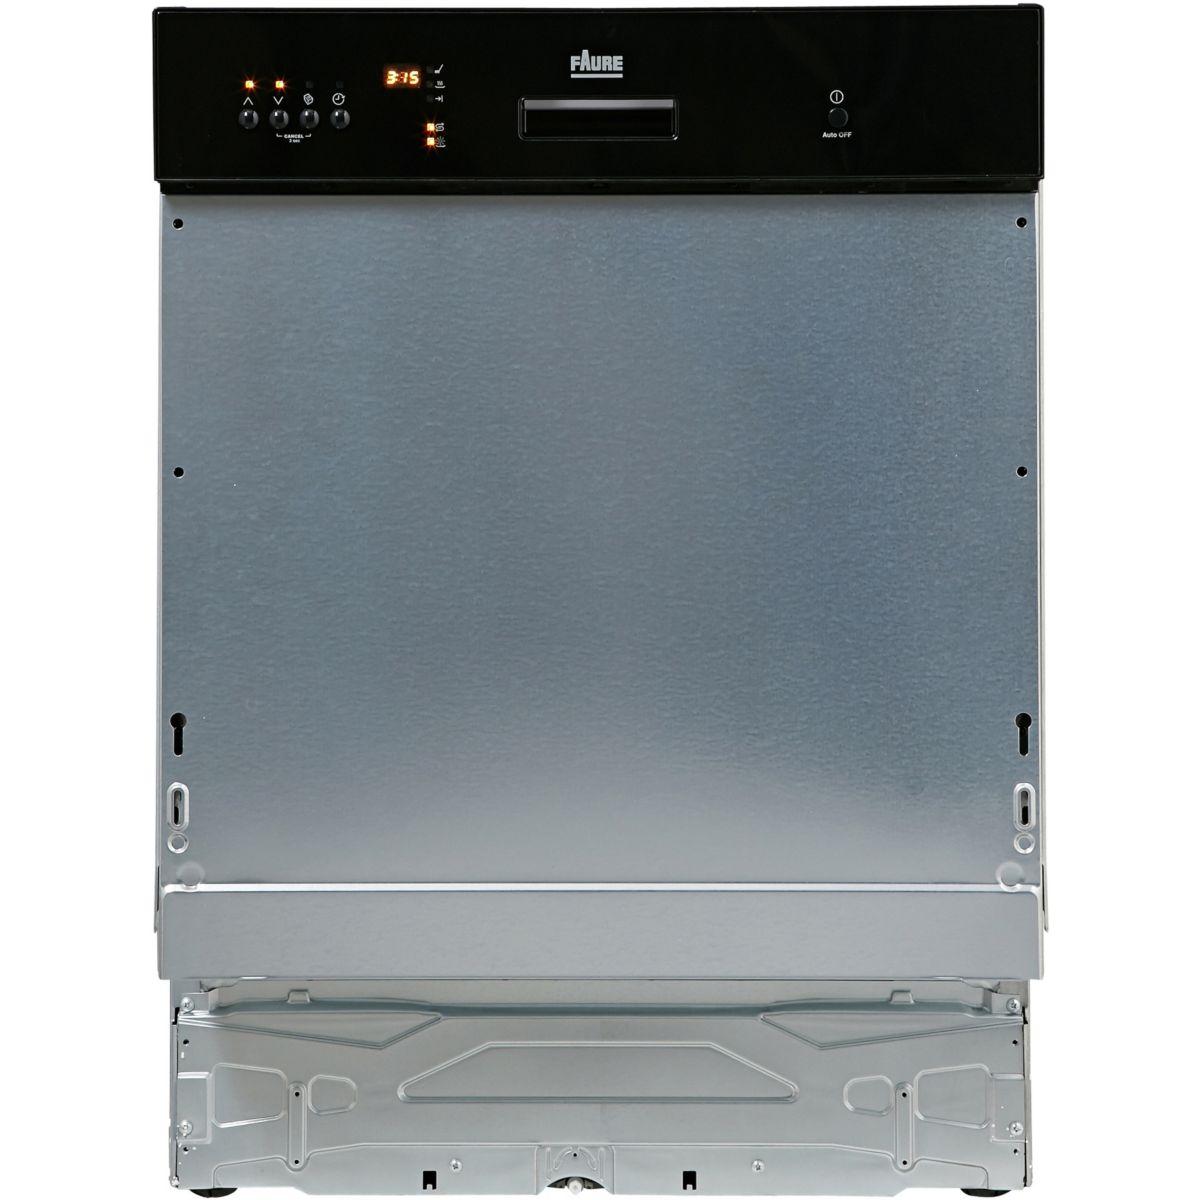 Lave vaisselle intégrable faure fdi26010na soldes et bonnes affaires à prix imbattables